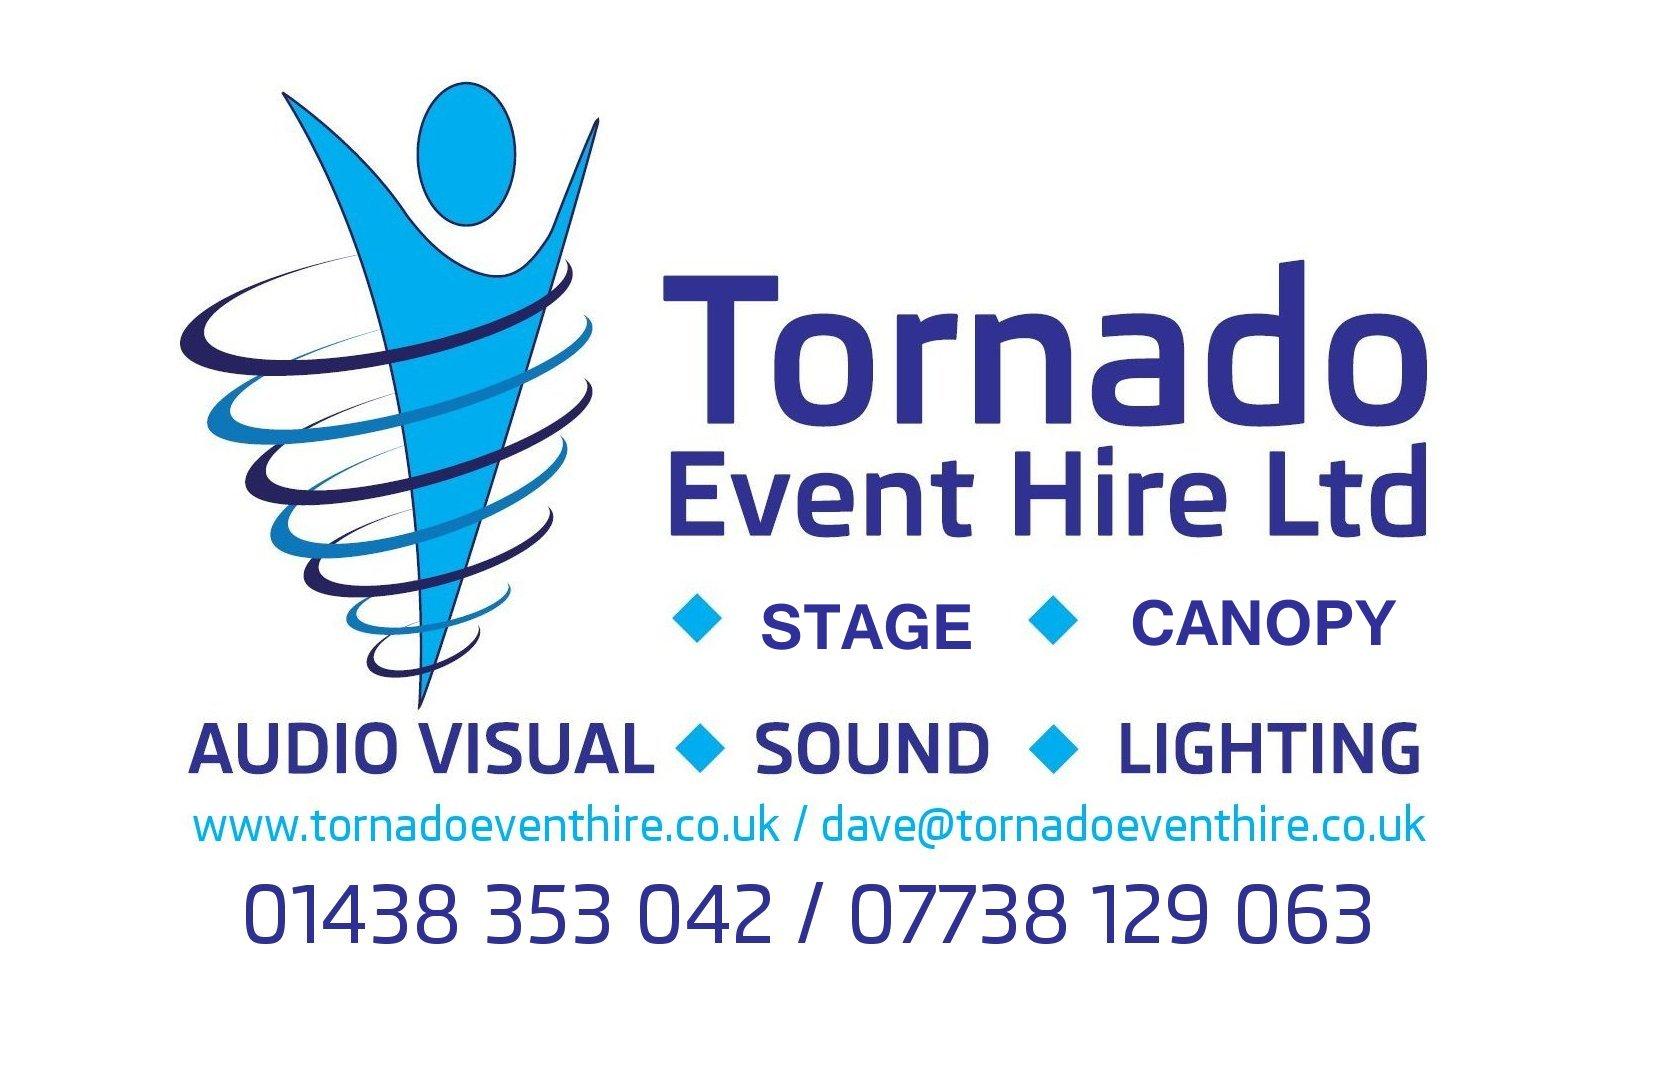 Tornado Event Hire